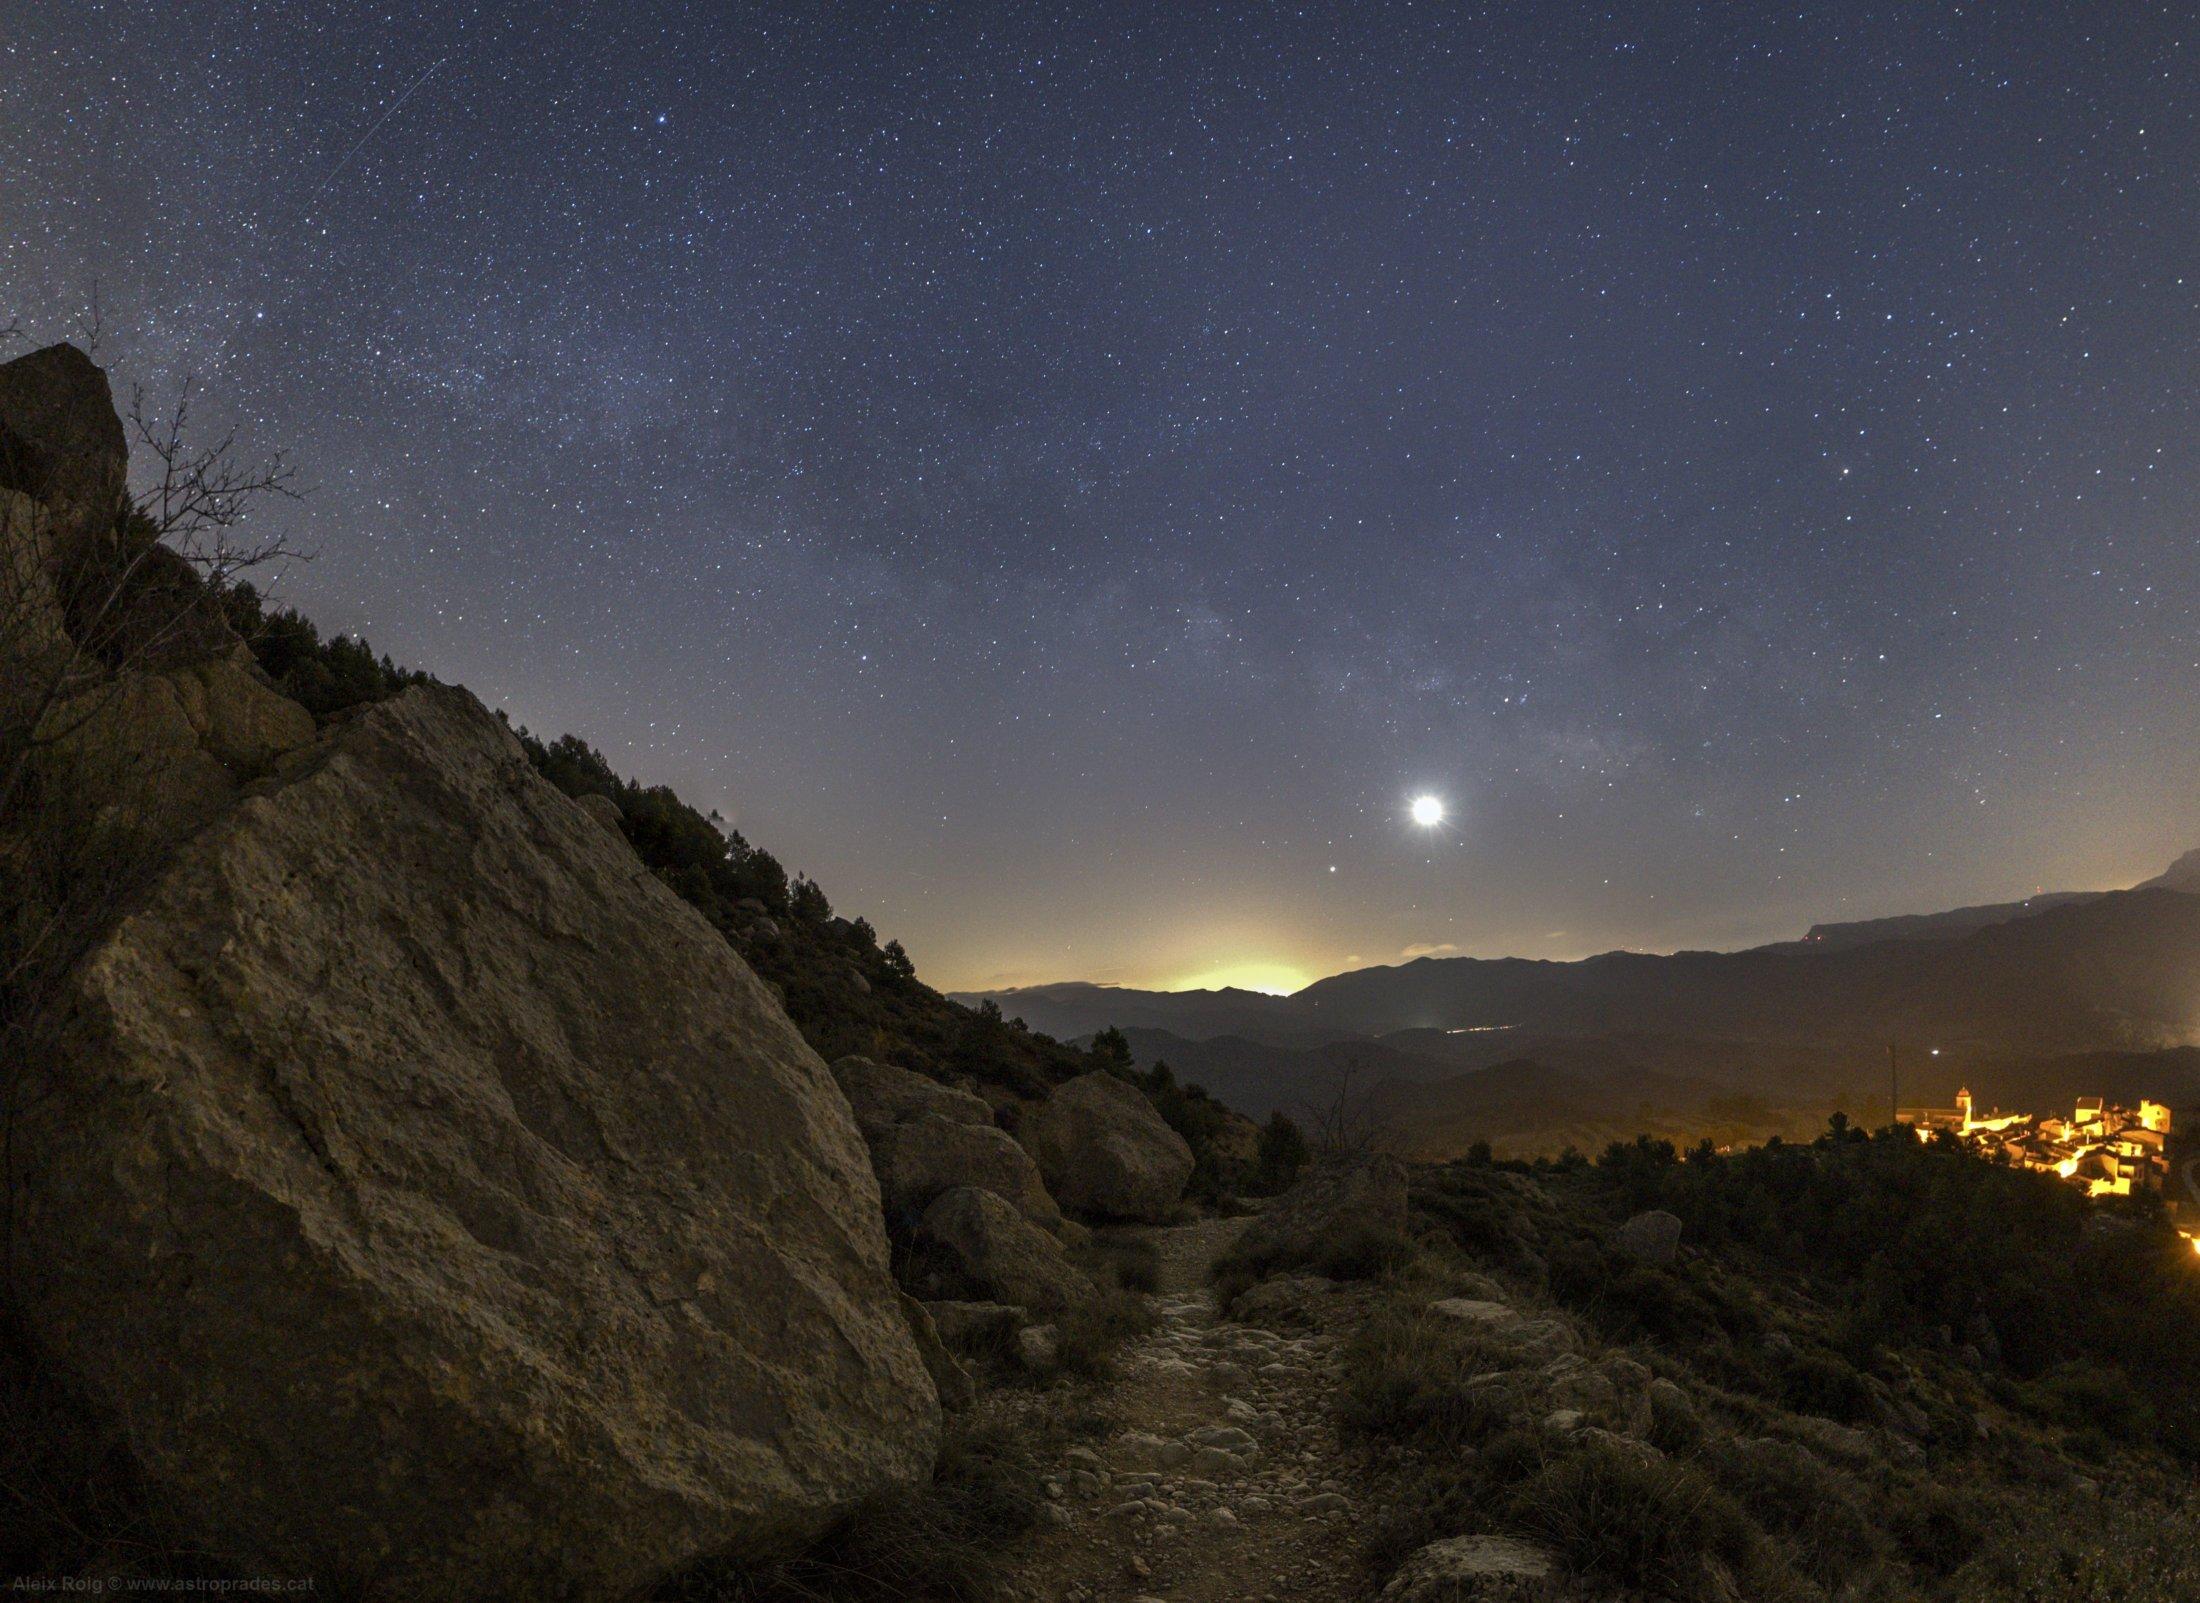 Conjunció Lluna, Mart, Júpiter, Saturn - Aleix Roig